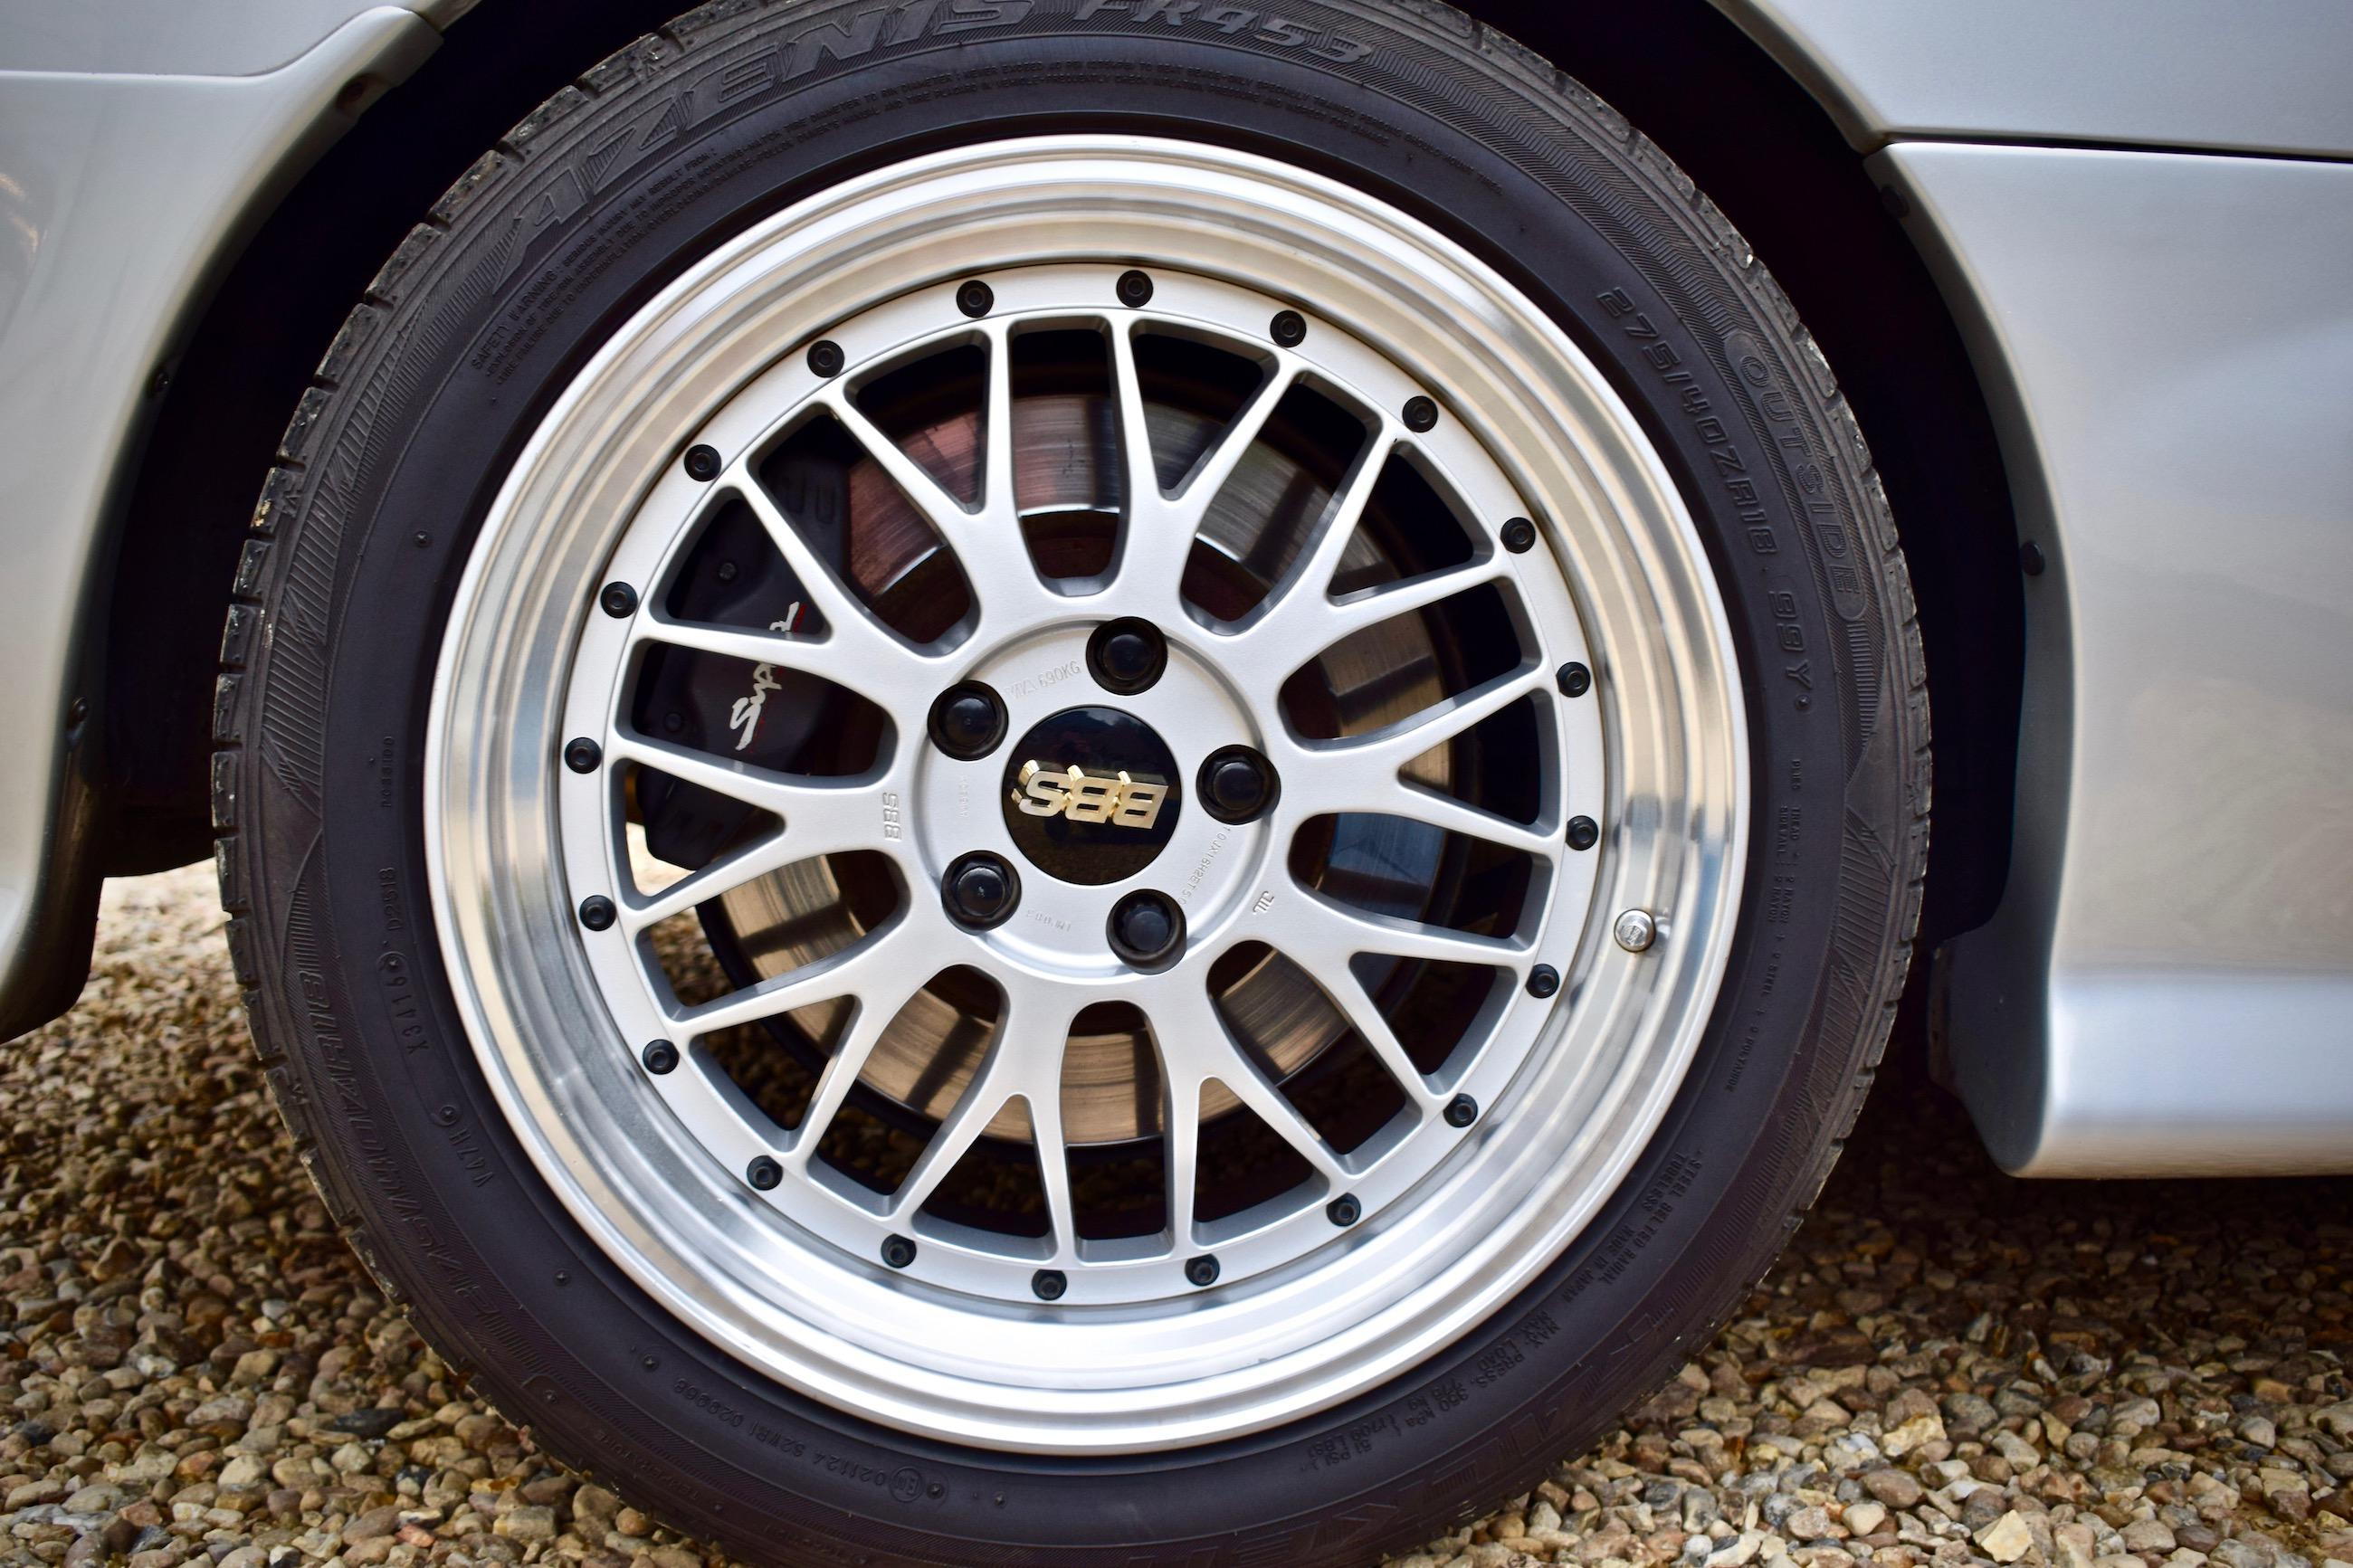 Toyota Supra BBS alloys